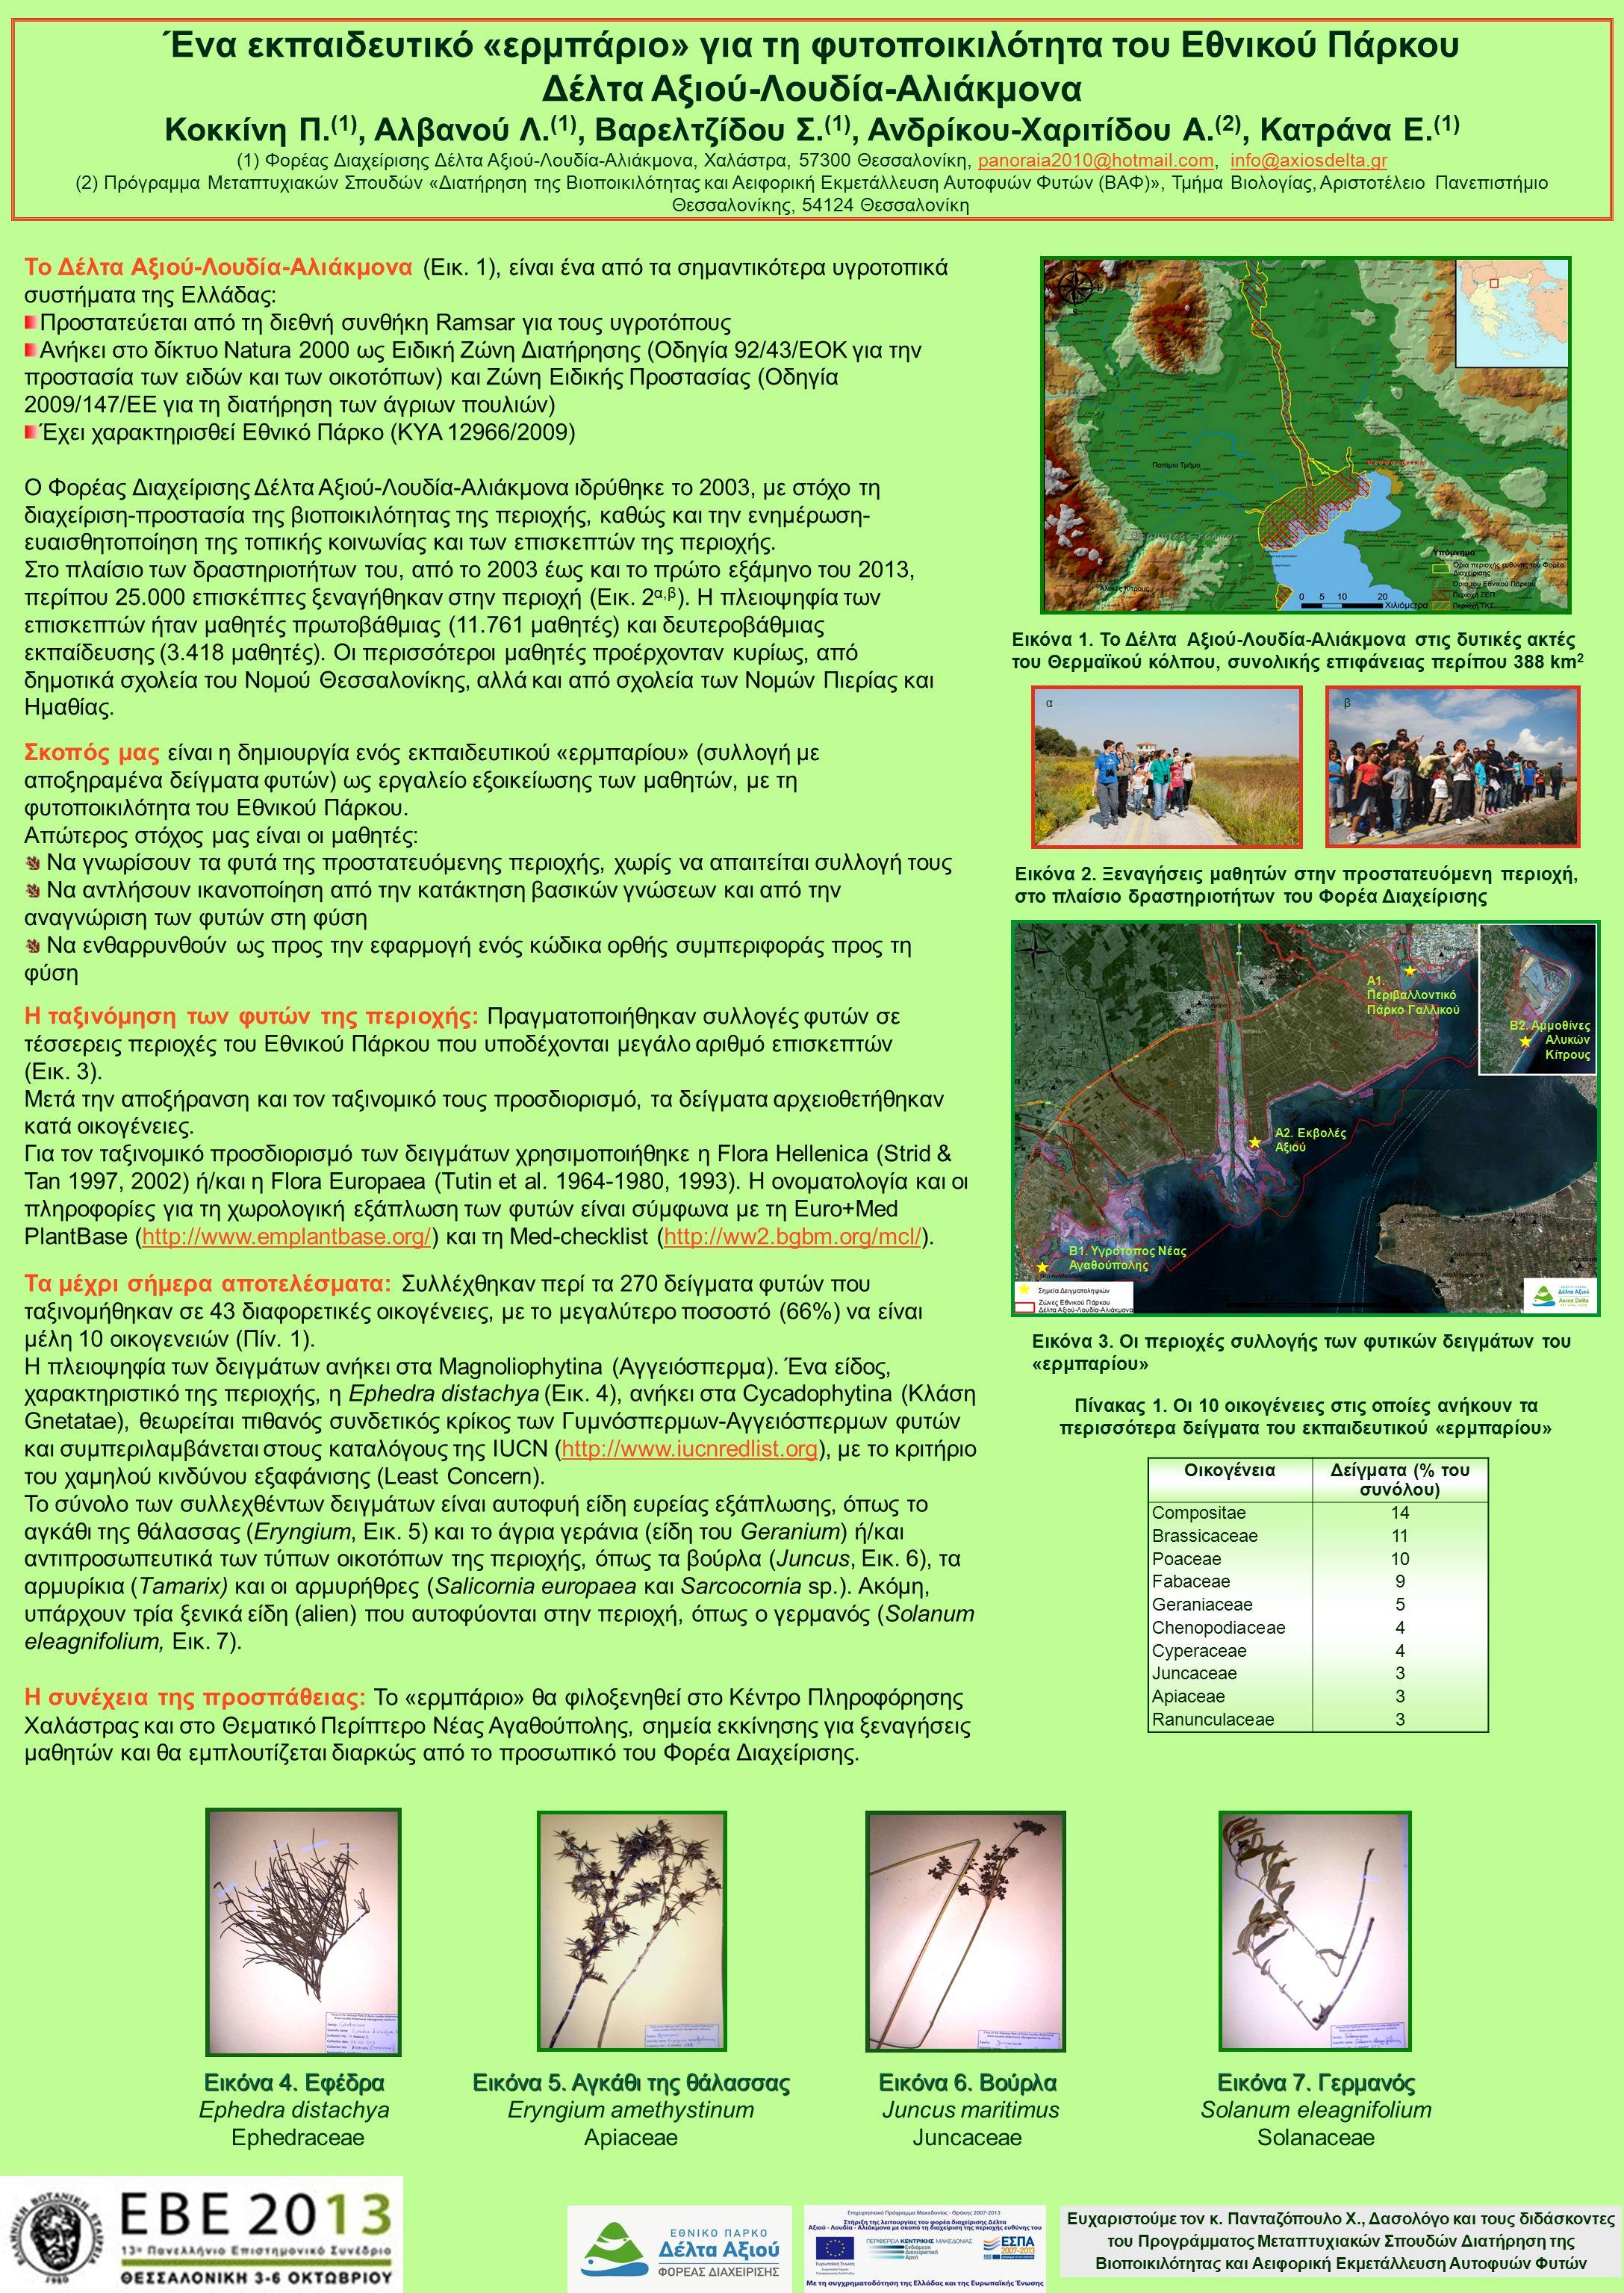 Ένα εκπαιδευτικό «ερμπάριο» για τη φυτοποικιλότητα του Εθνικού Πάρκου Δέλτα Αξιού-Λουδία-Αλιάκμονα Κοκκίνη Π. (1), Αλβανού Λ. (1), Βαρελτζίδου Σ. (1),